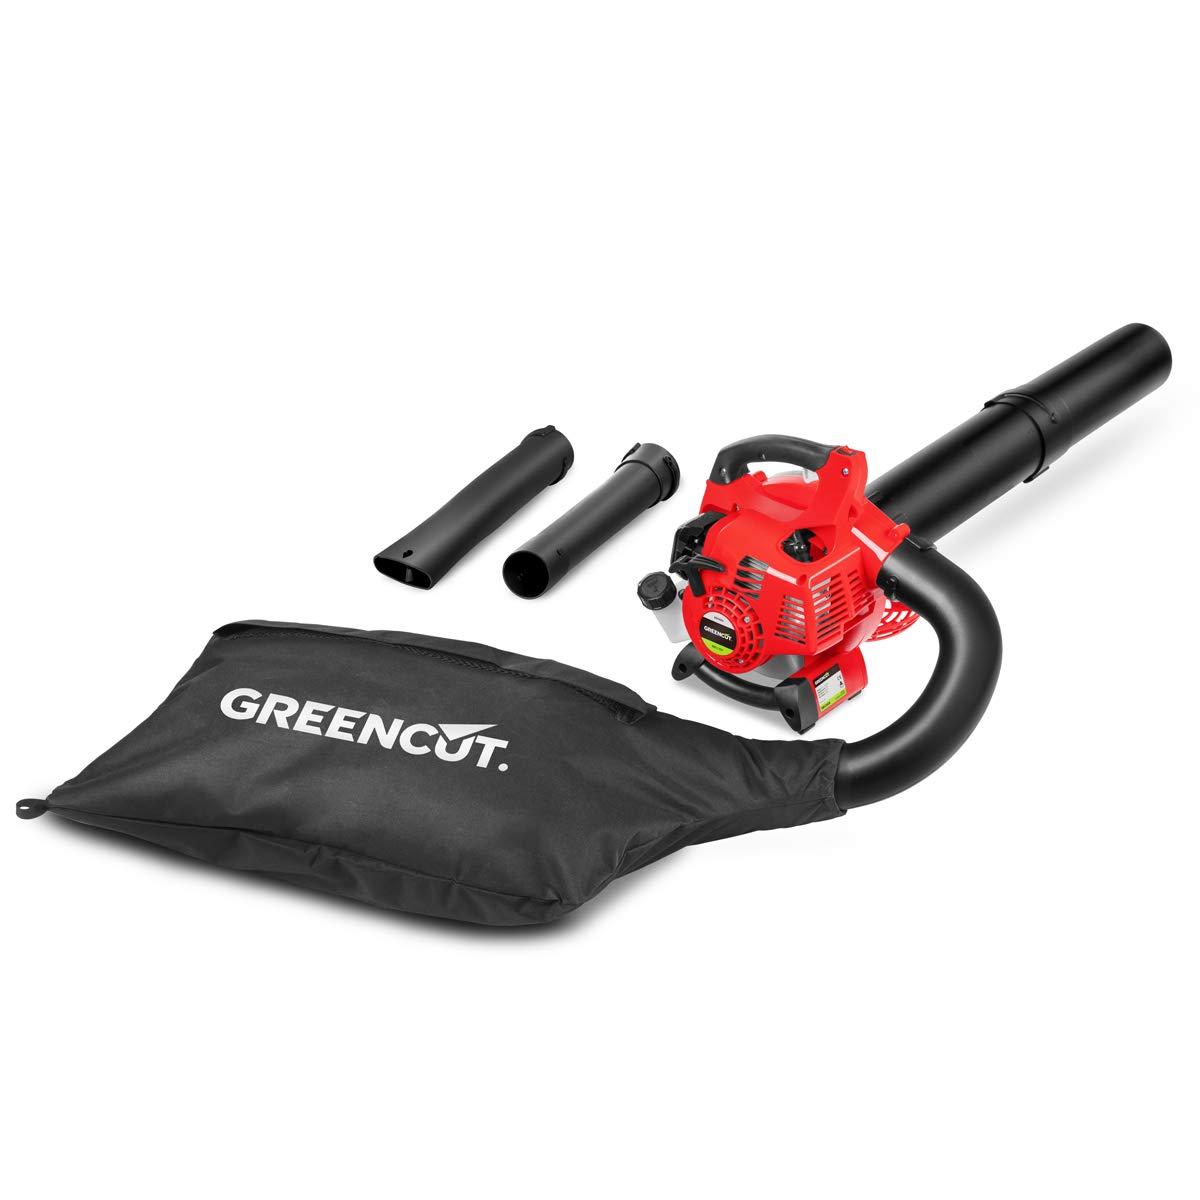 Greencut EBV260BN - Soplador aspirador de hojas con motor de gasolina de 26cc y velocidad max 350km/h con bolsa de recogida de 50L